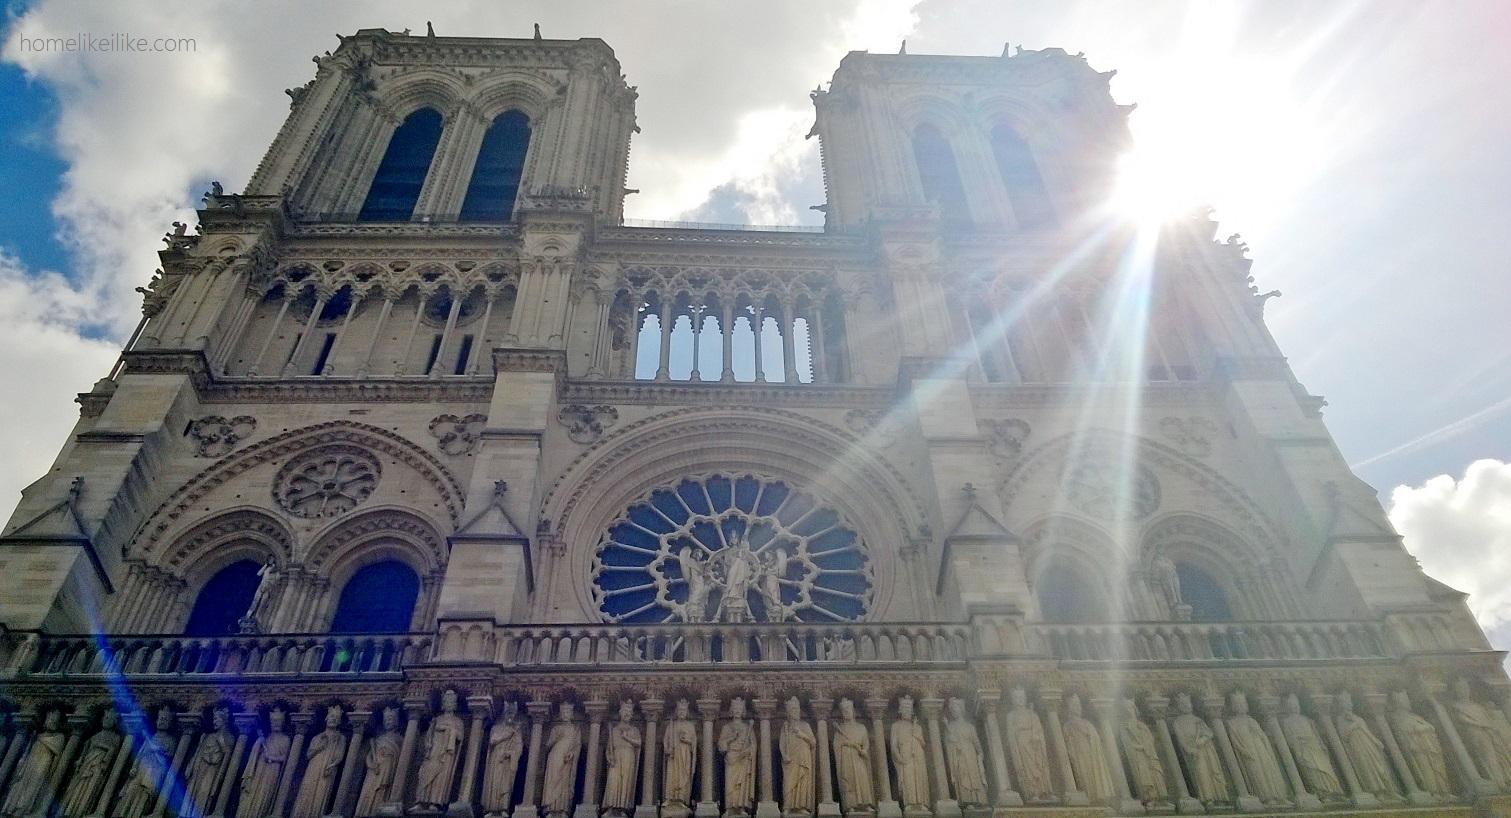 katedra Notre Dame - homelikeilike.com